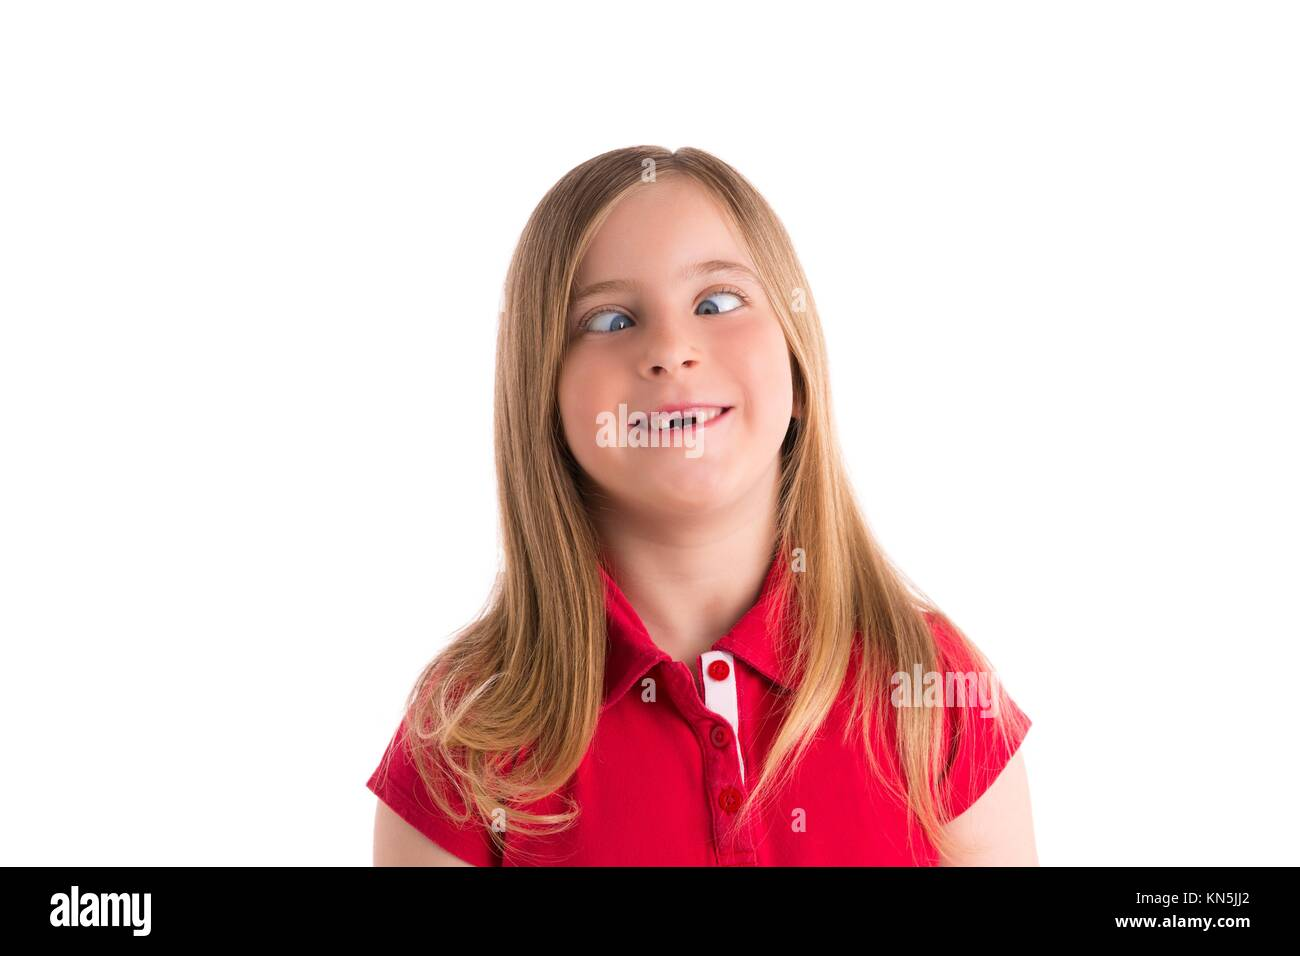 Occhi incrociati bionda ragazza di capretto espressione divertente gesto in uno sfondo bianco. Immagini Stock